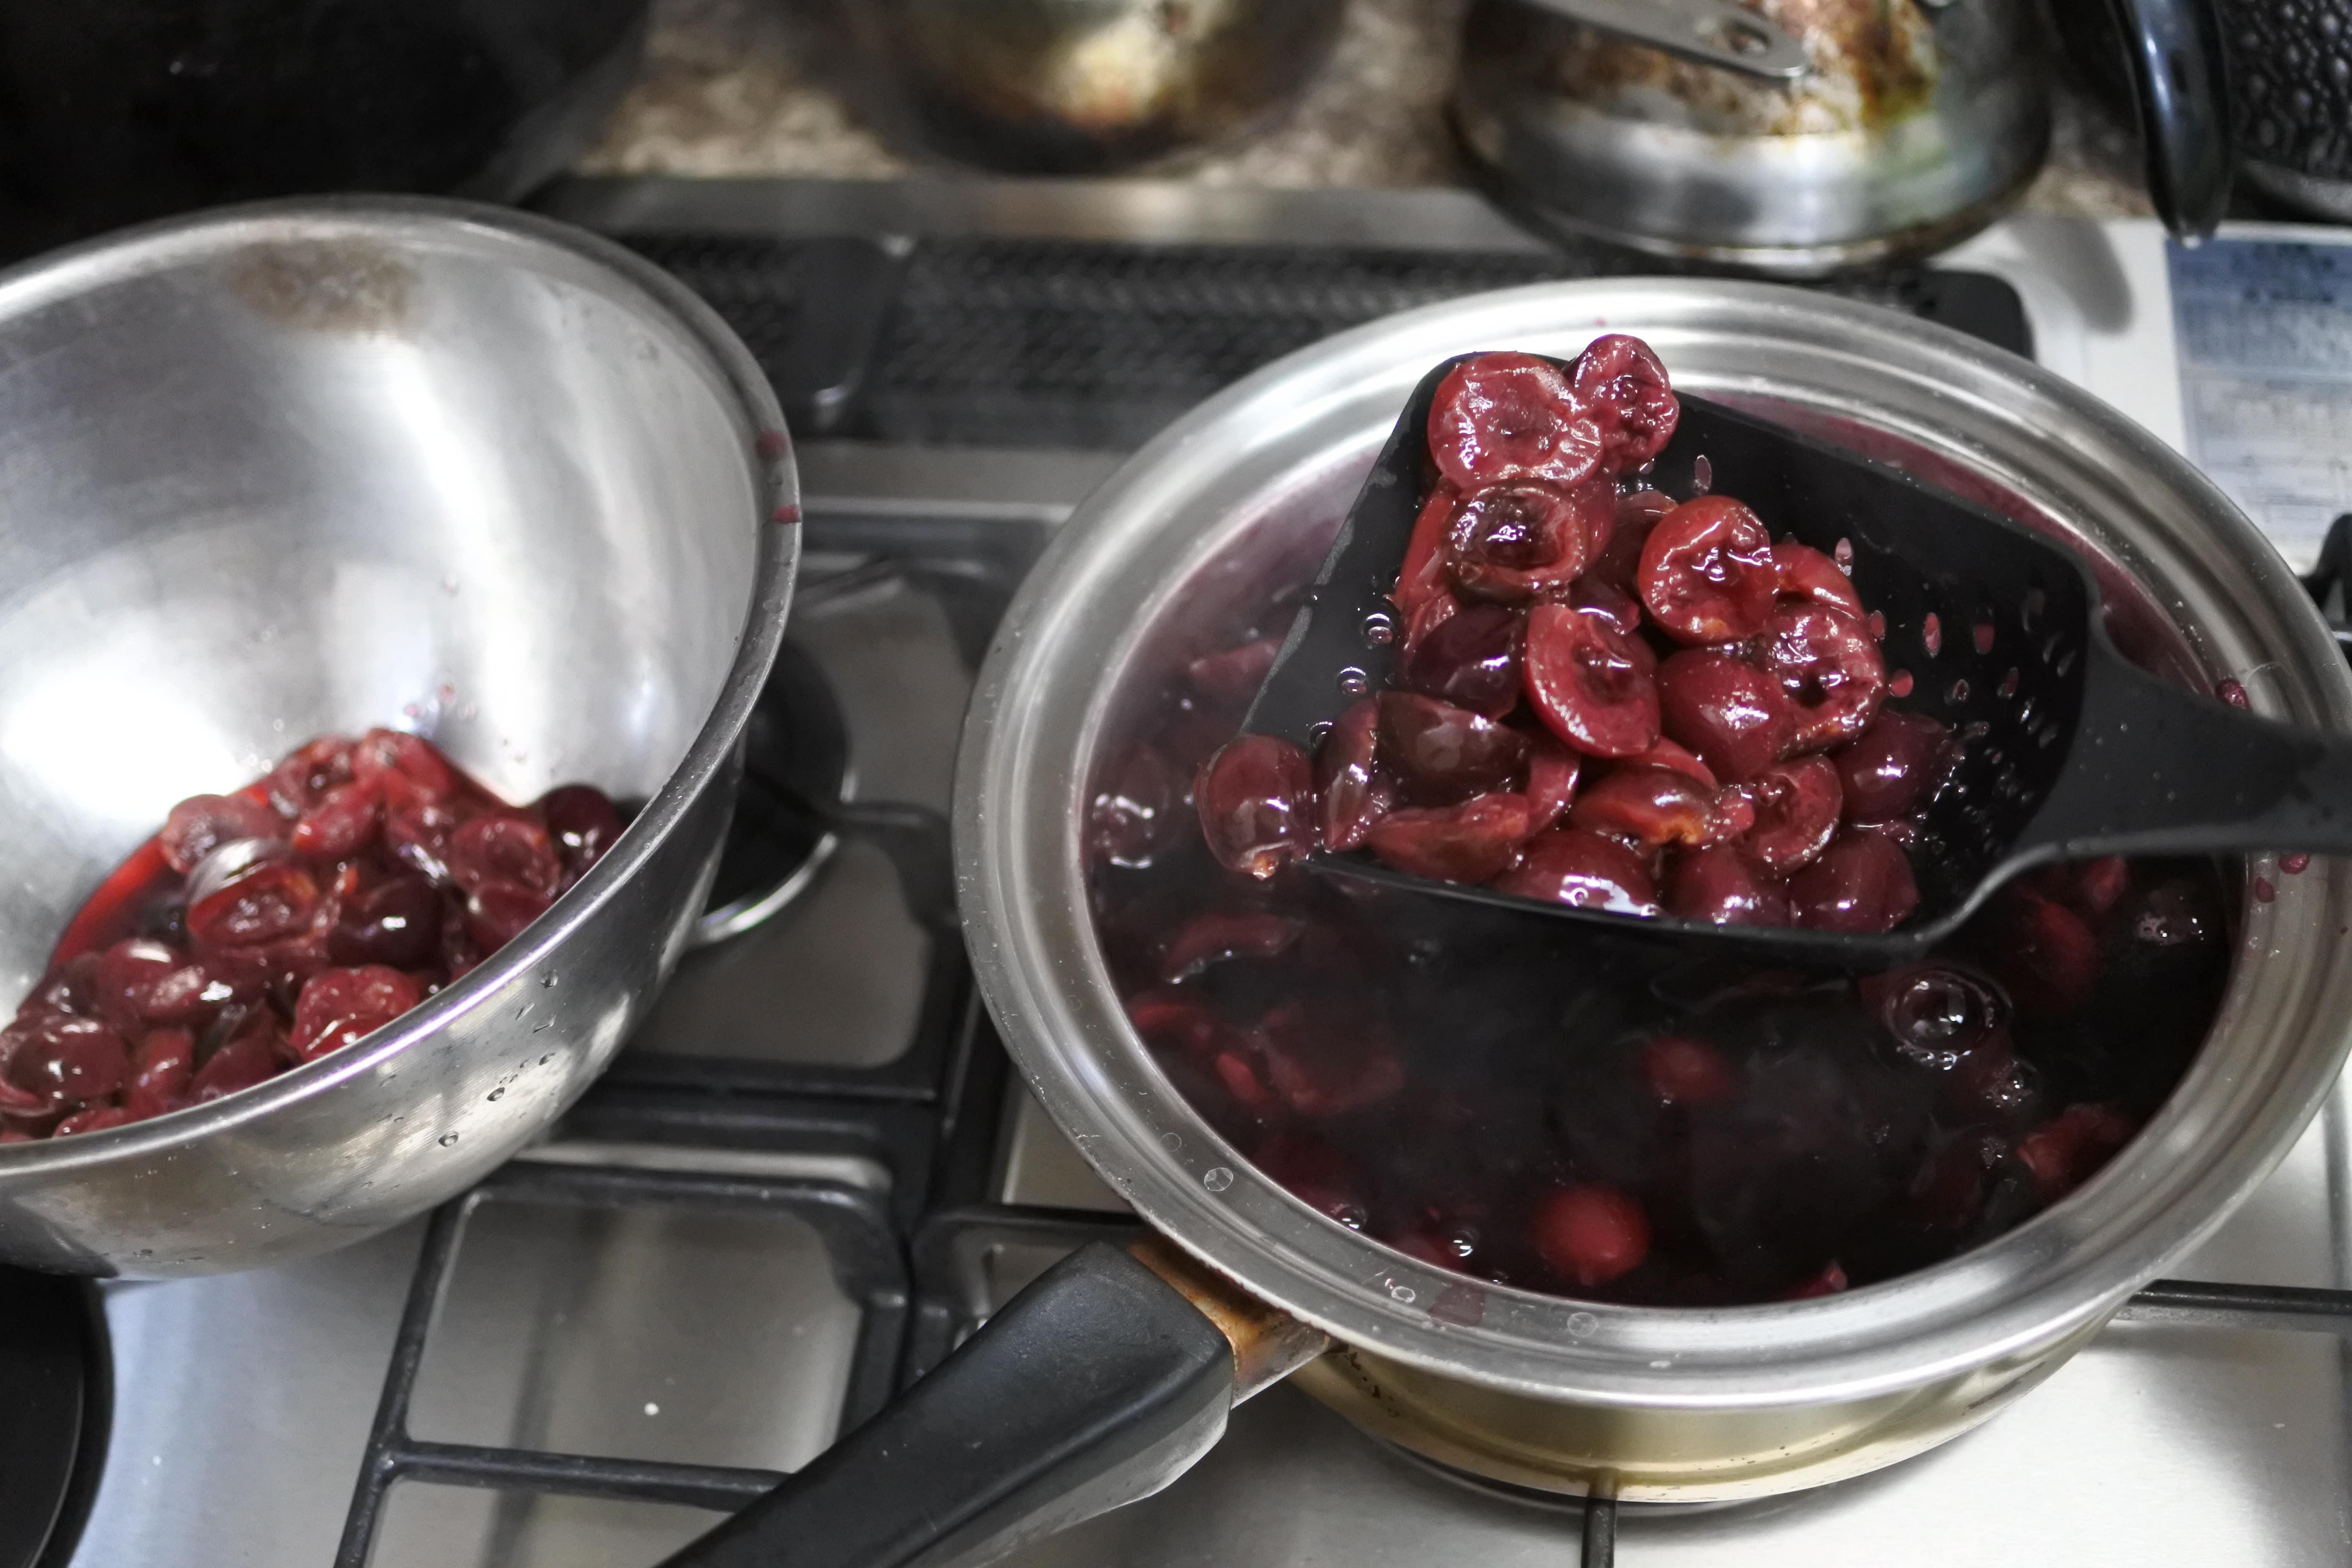 ジャム作り アメリカンチェリー レシピ 作り方